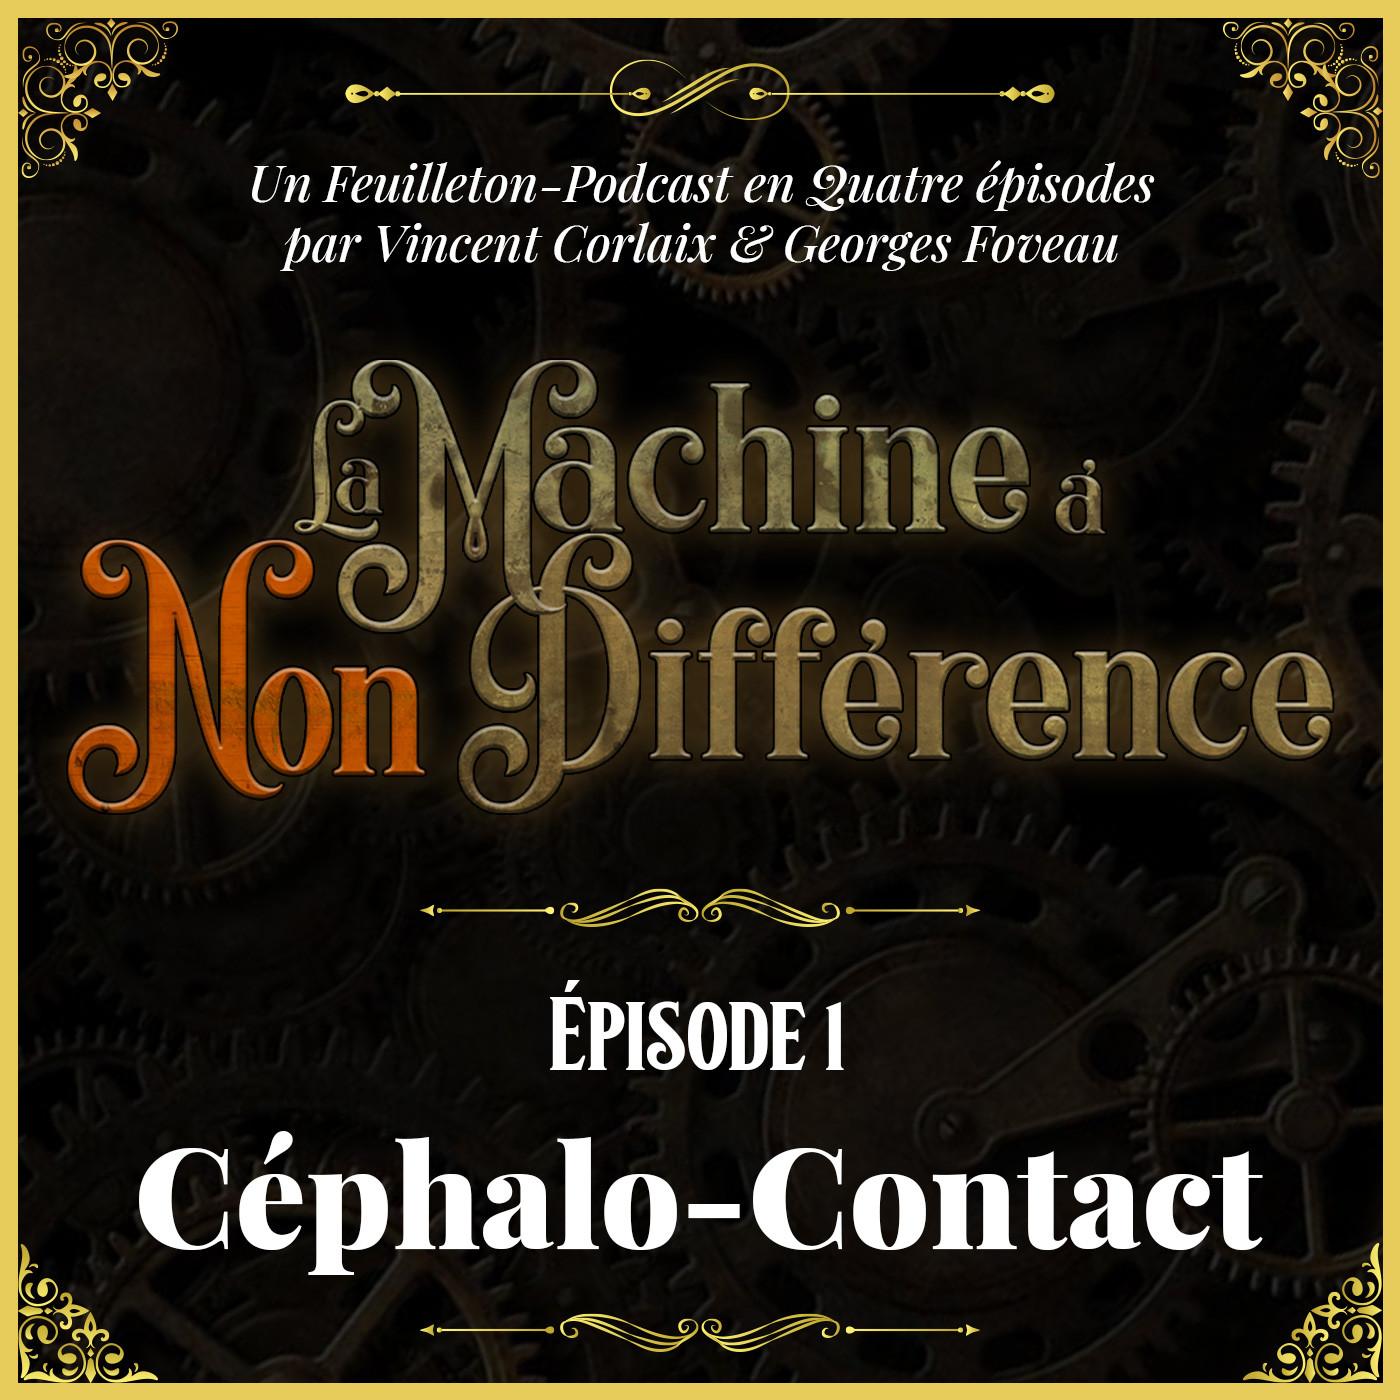 Céphalo-Contact